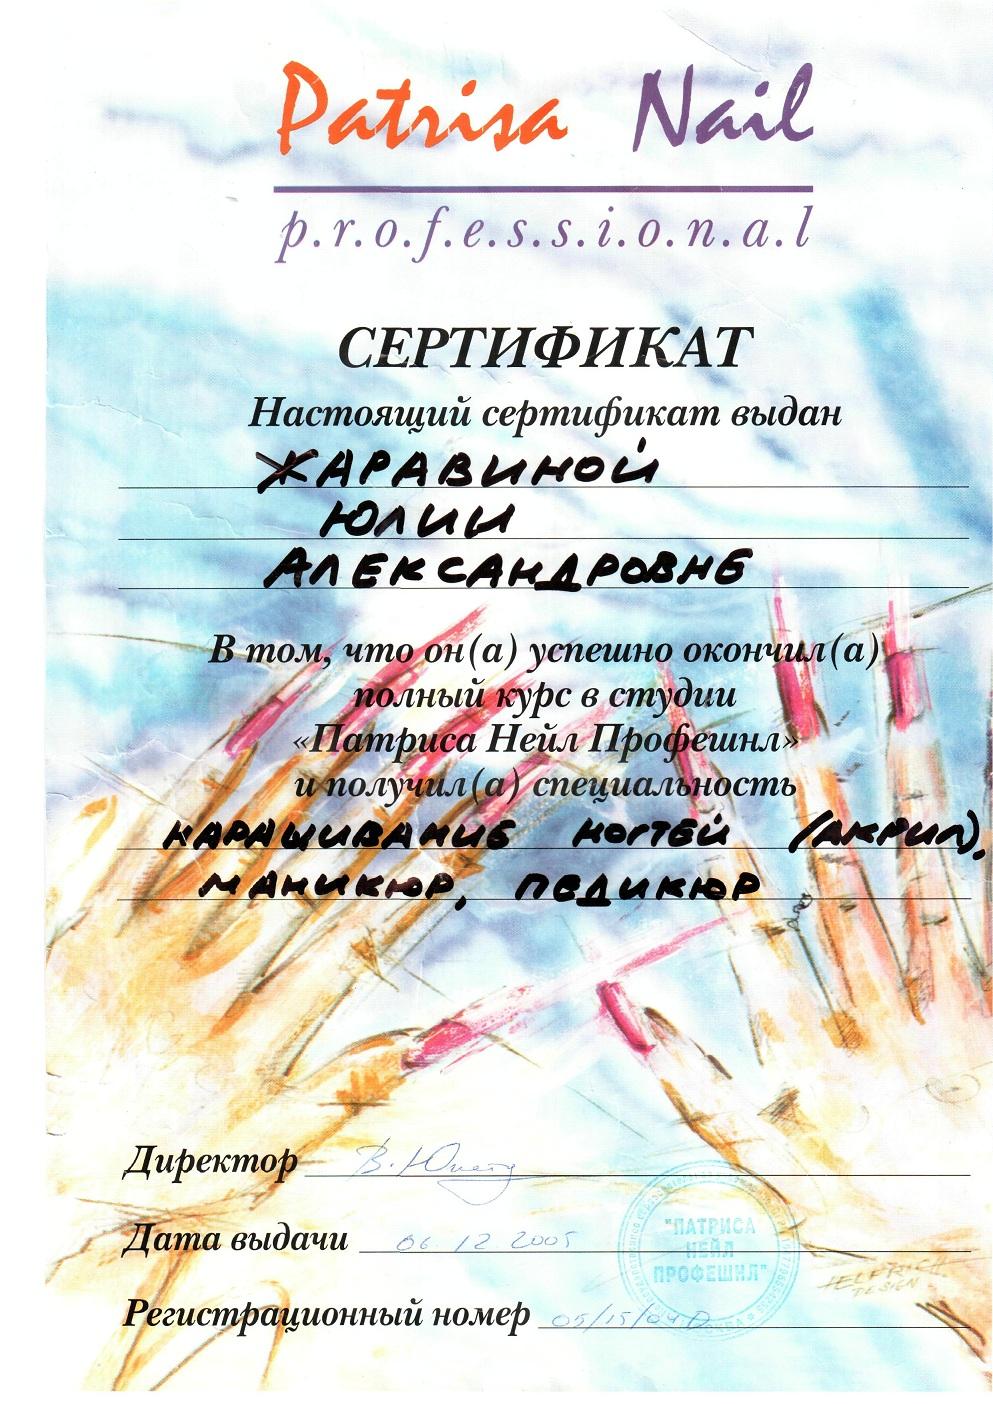 2005 Патриса Нейл Профешнл» полный курс маникюр, педикюр,наращивание ногтей (акрил)